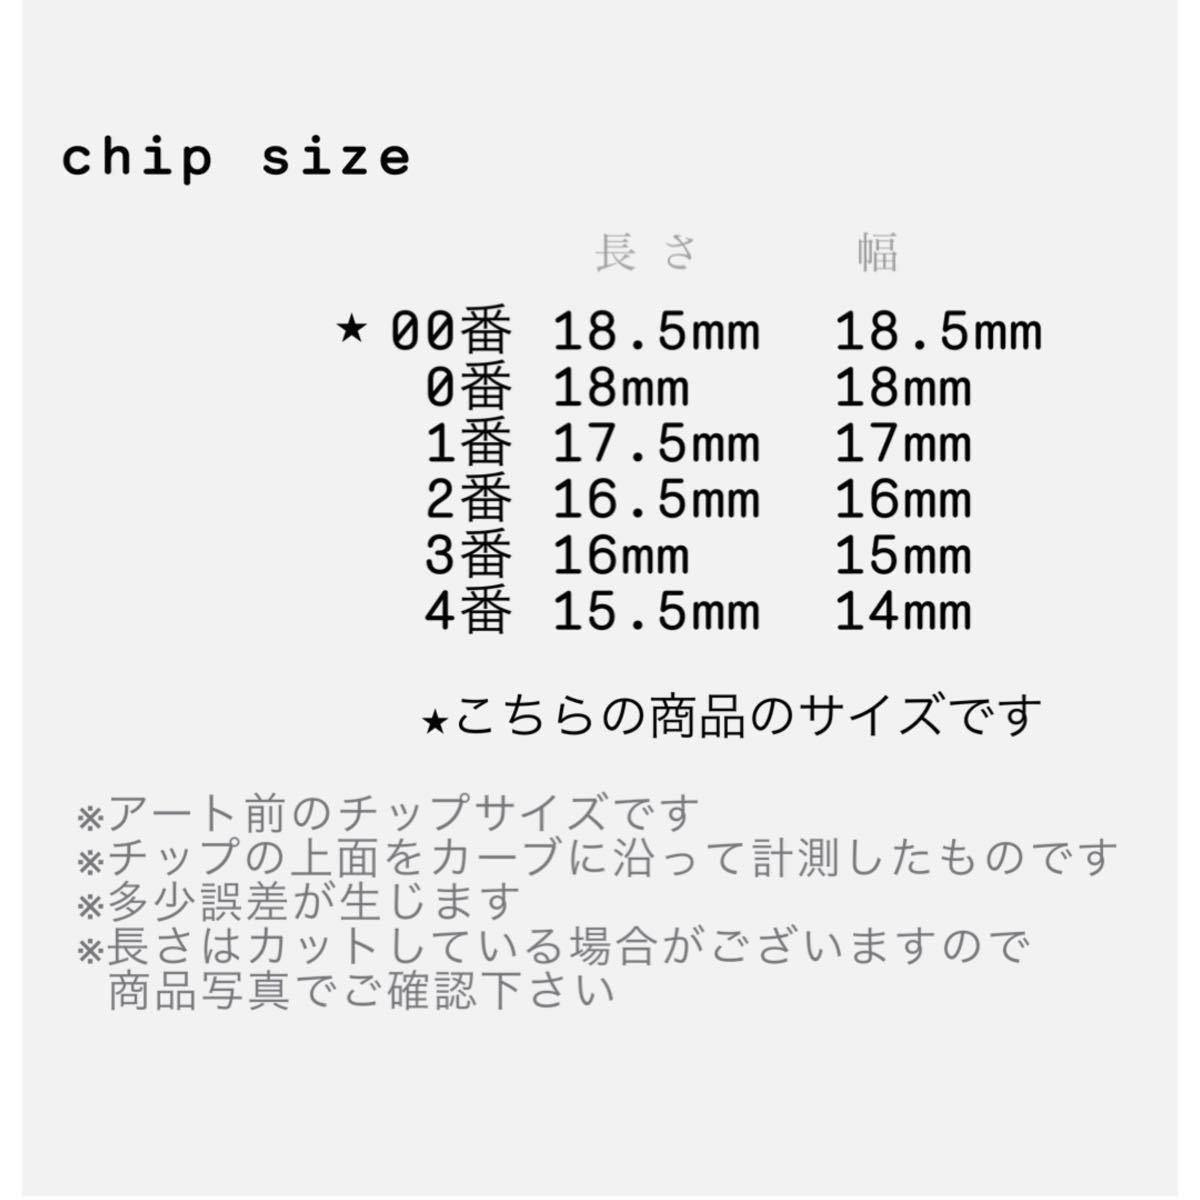 ネイルポリッシュ 2本セット 親指用ネイルチップ付き  noiro ノイロ ネイル カラーマニキュア ネイルカラー ネイルラッカー